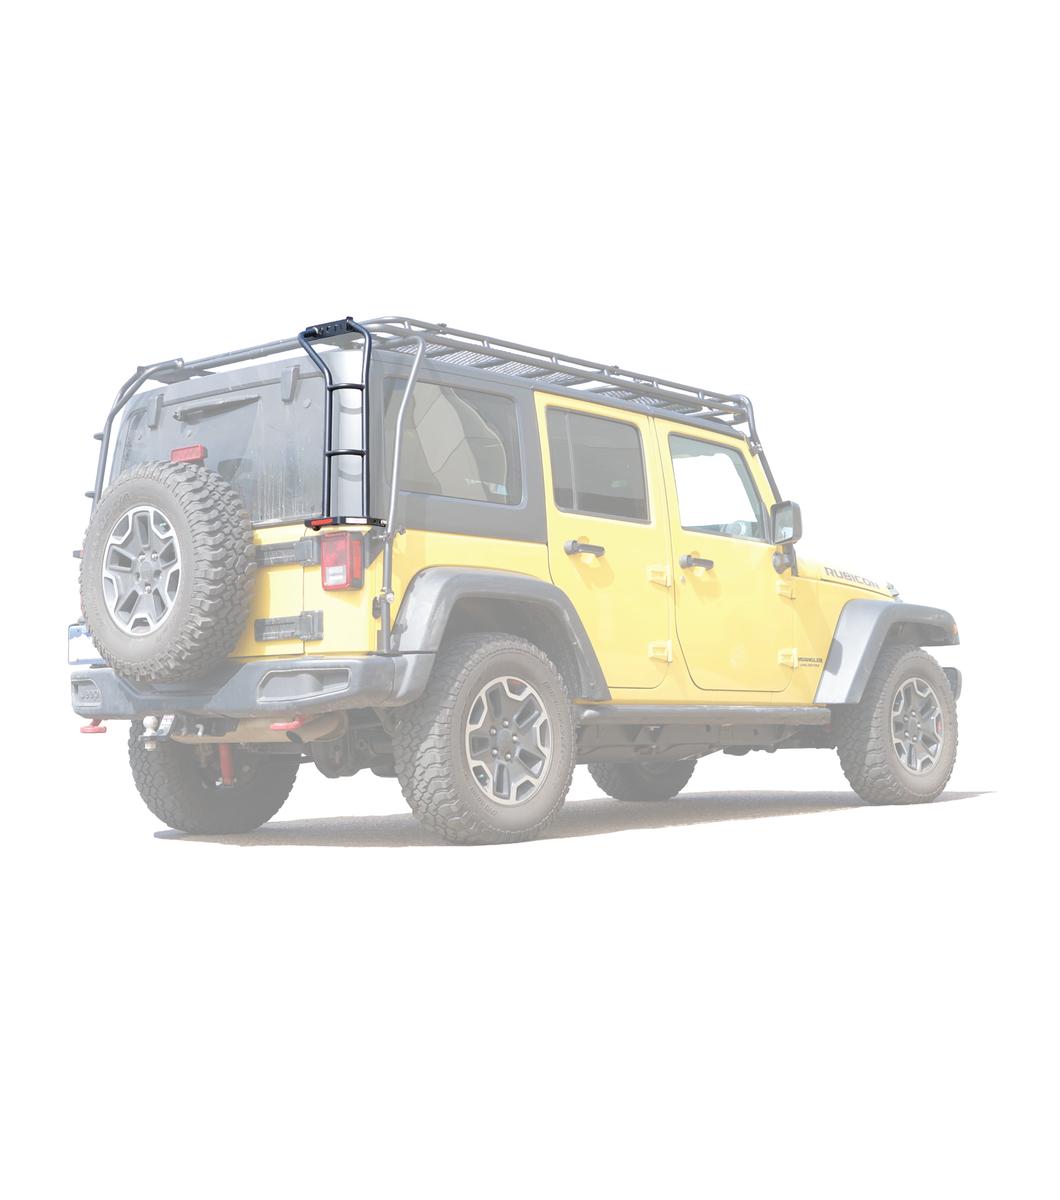 Gobi Jeep Wrangler Jk Rear Ladder Passenger Ladder